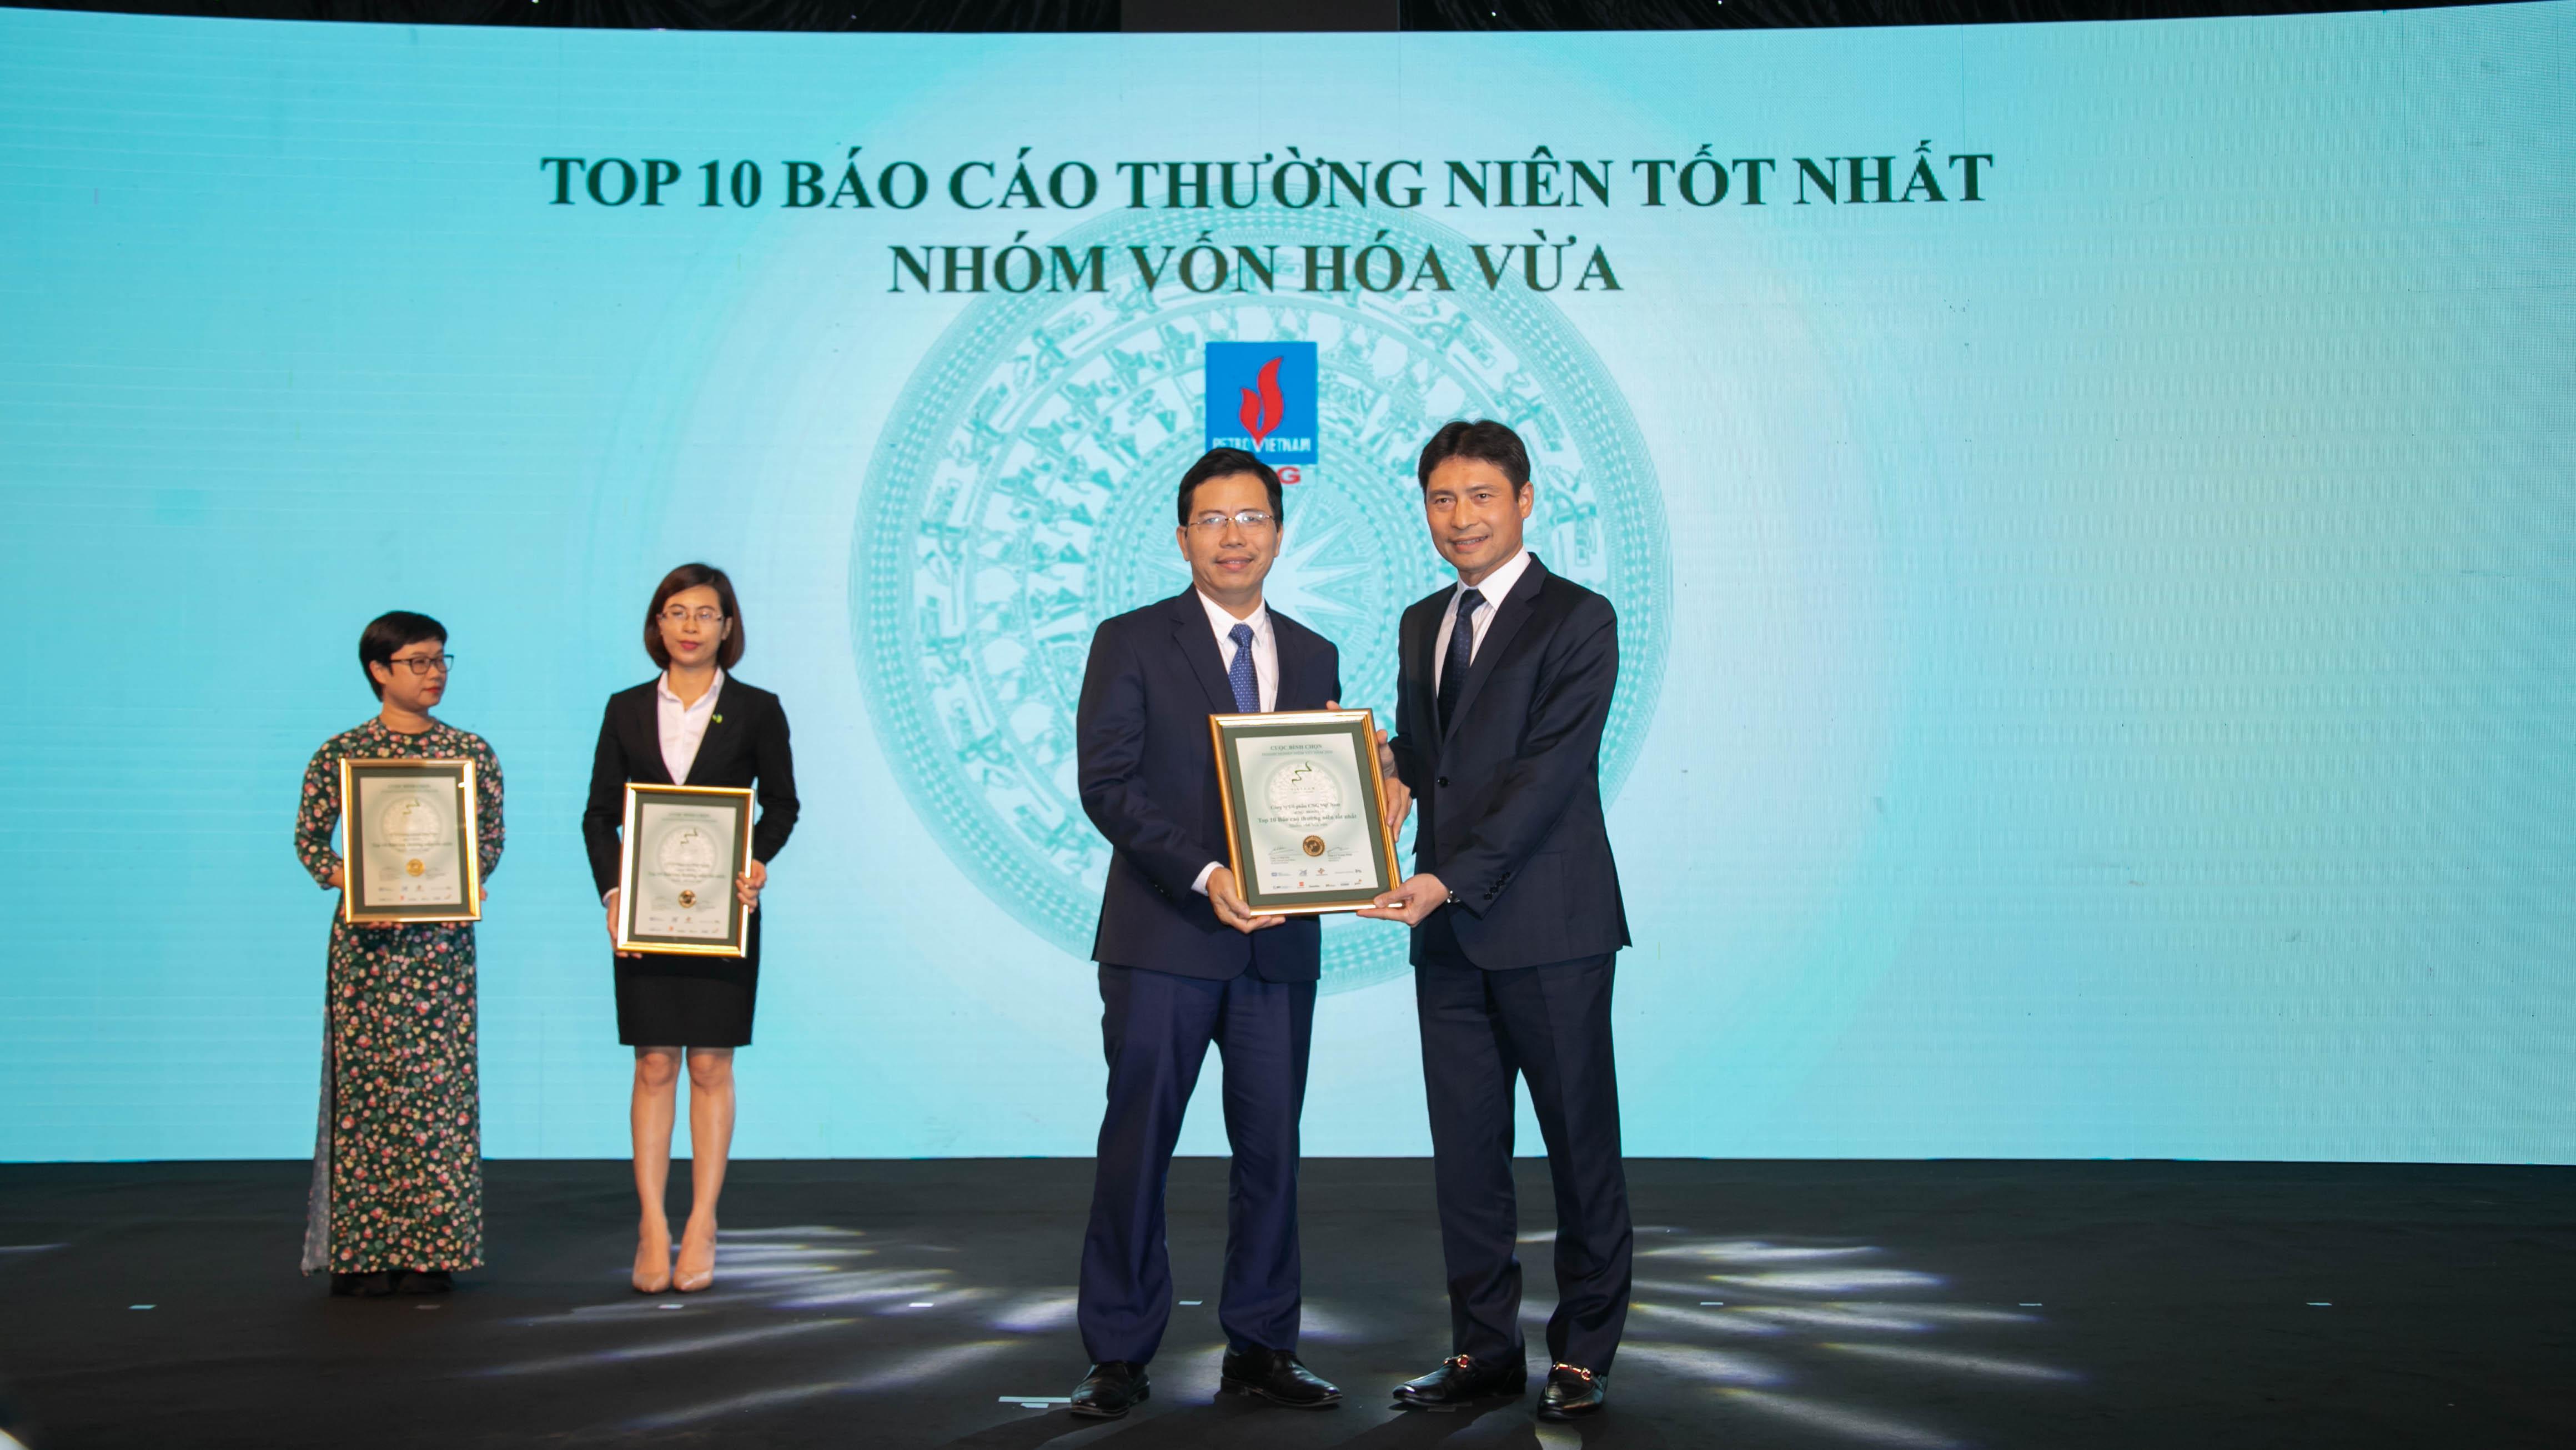 https://www.aravietnam.vn/wp-content/uploads/2020/12/IMG_8726.jpg